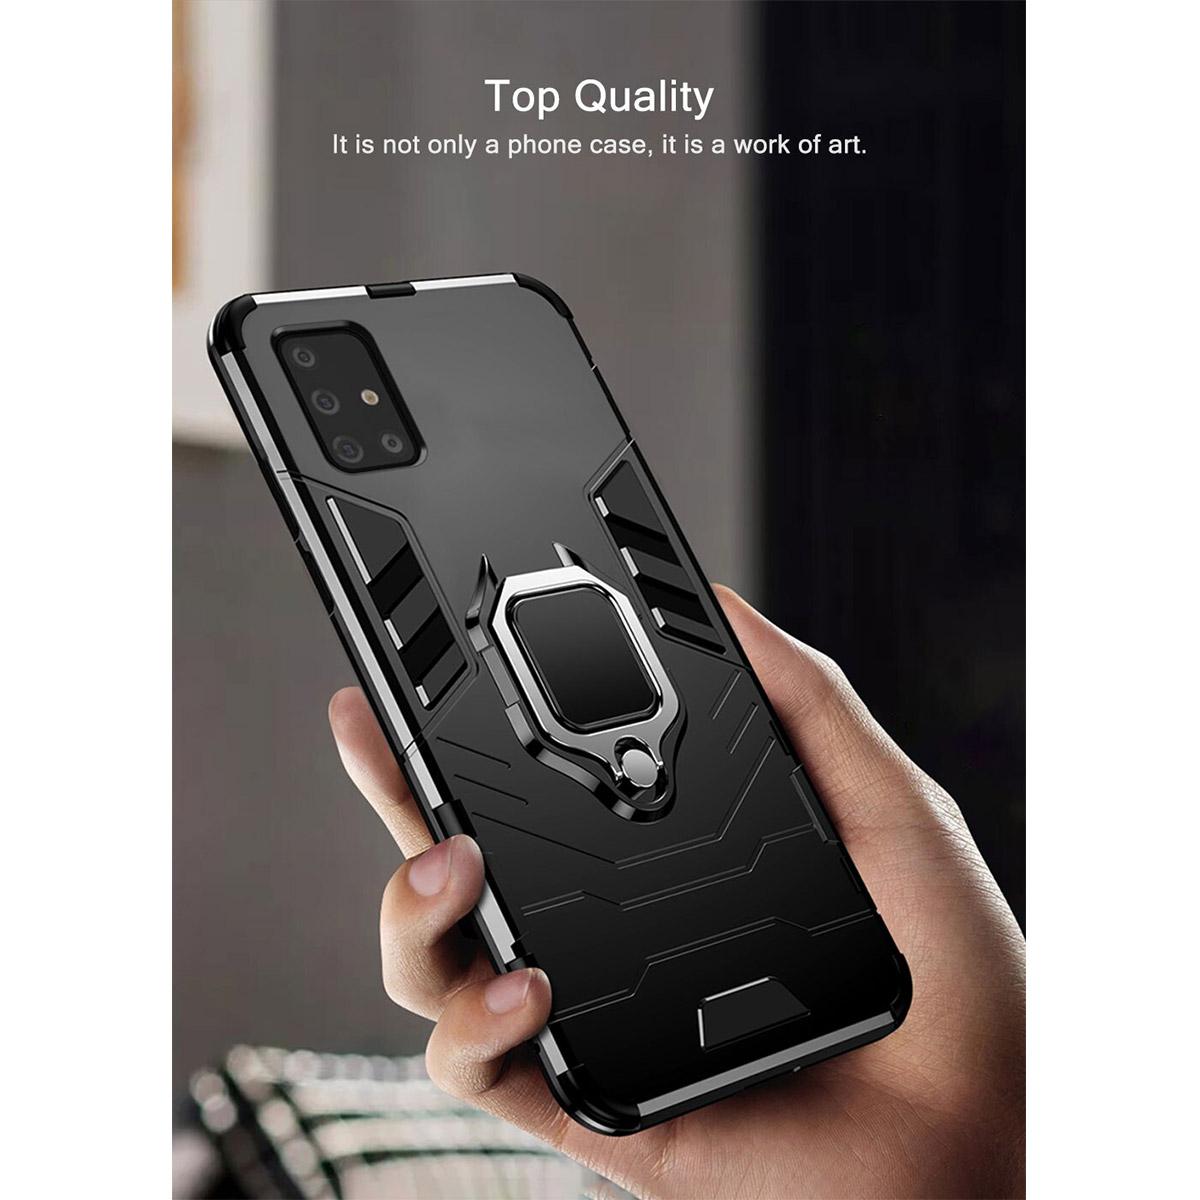 کاور سامورایی مدل ARC-2020 مناسب برای گوشی موبایل سامسونگ Galaxy A51